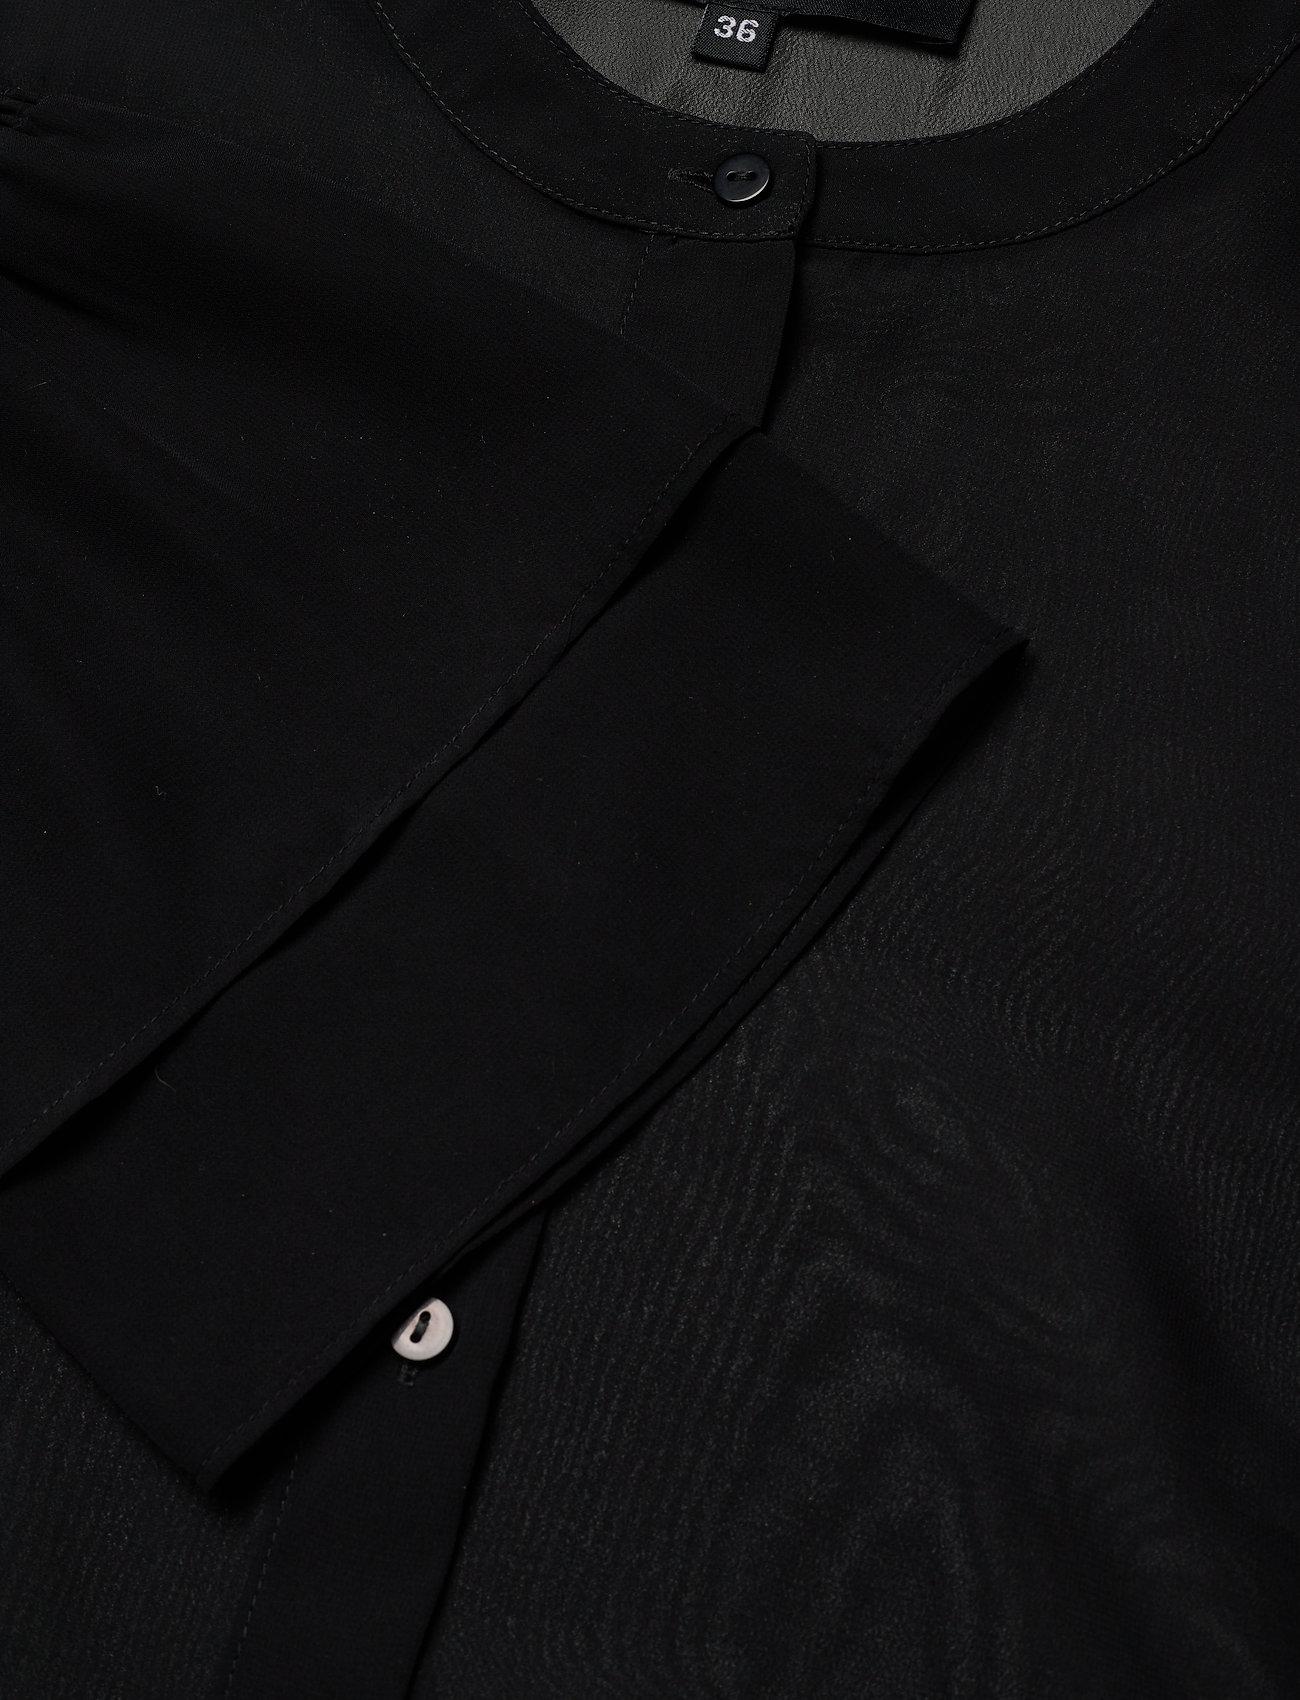 Ilse Jacobsen SHIRT - Bluzki & Koszule BLACK - Kobiety Odzież.